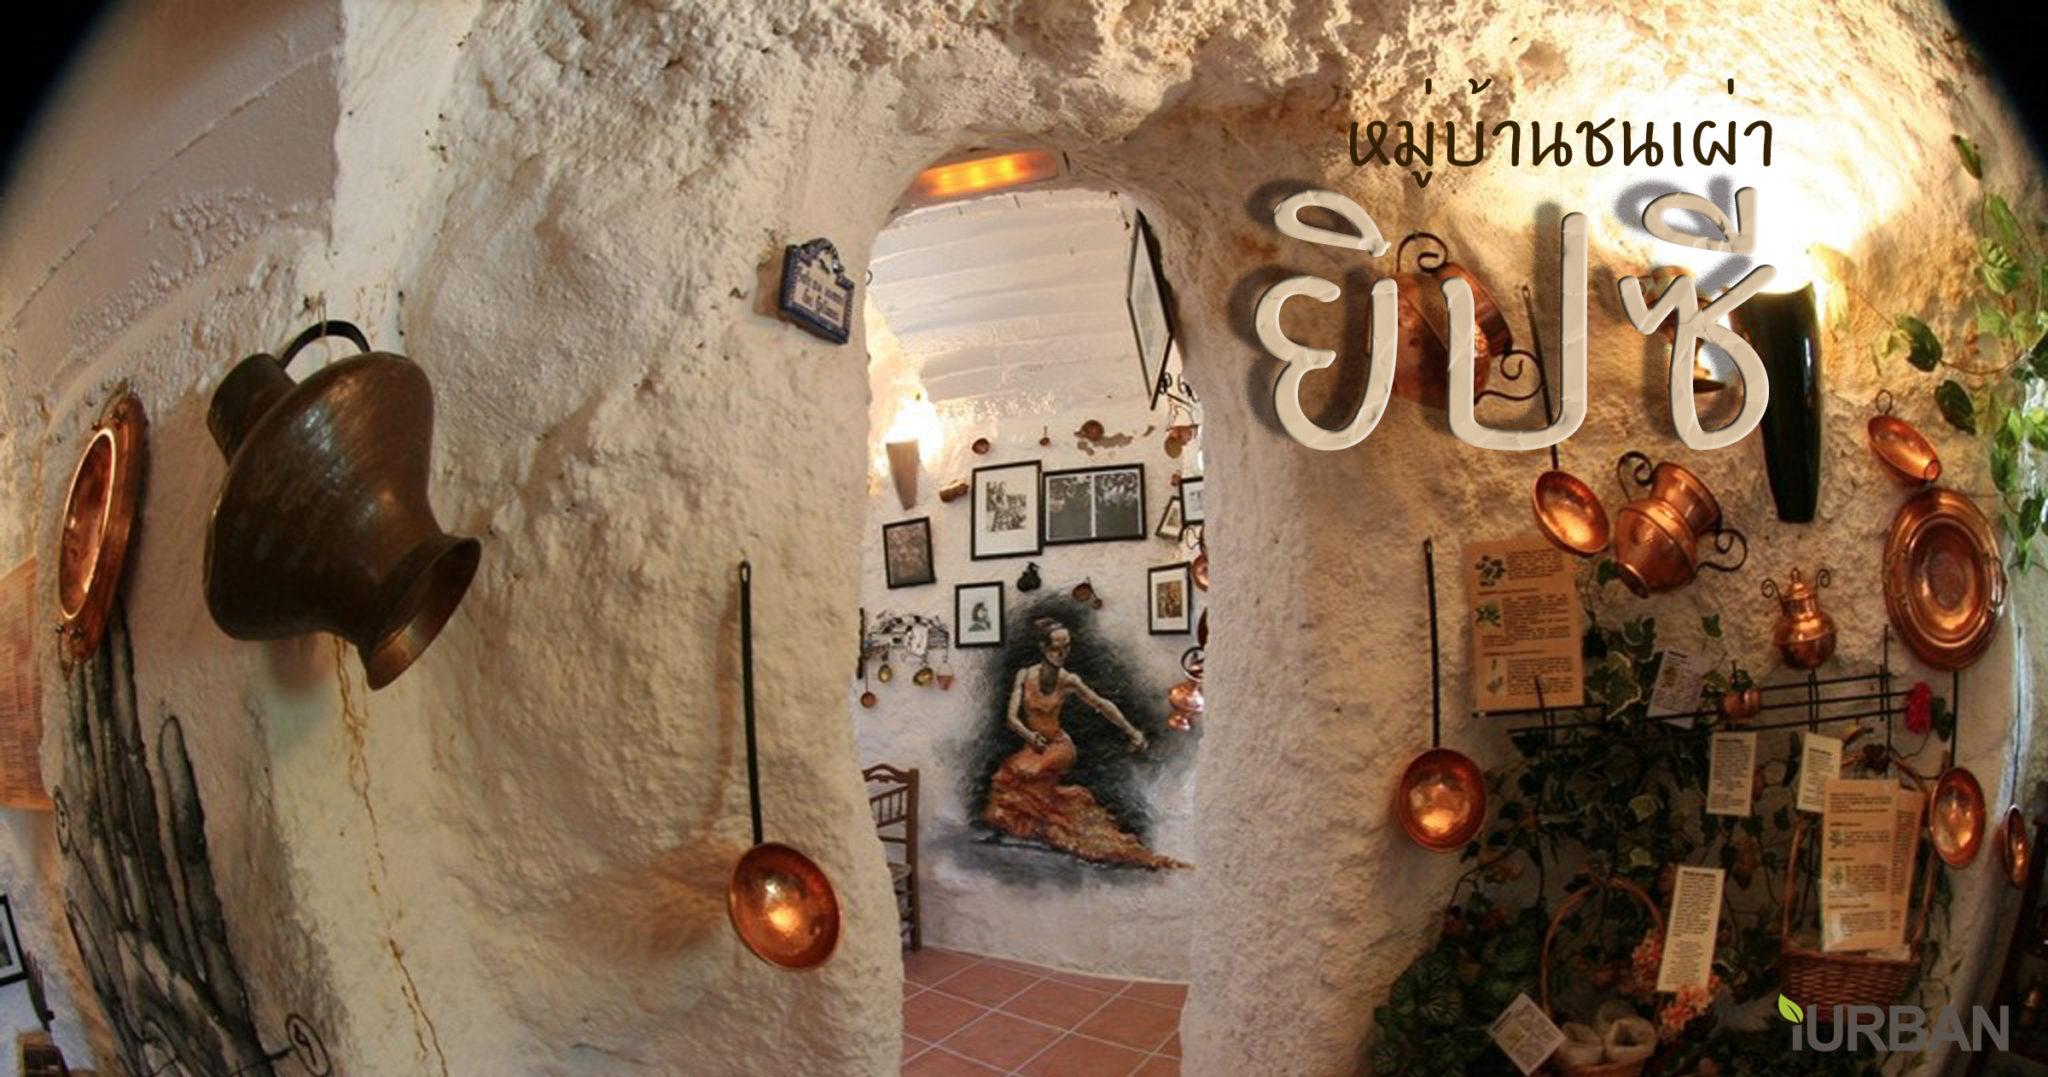 """เที่ยวหมู่บ้านเผ่ายิปซี และพิพิธภัณฑ์ ชาติพันธุ์วิทยา ณ ประเทศสเปน ที่จะทำให้รู้จัก """"ชนเผ่ายิปซี"""" เป็นใคร? 13 -"""